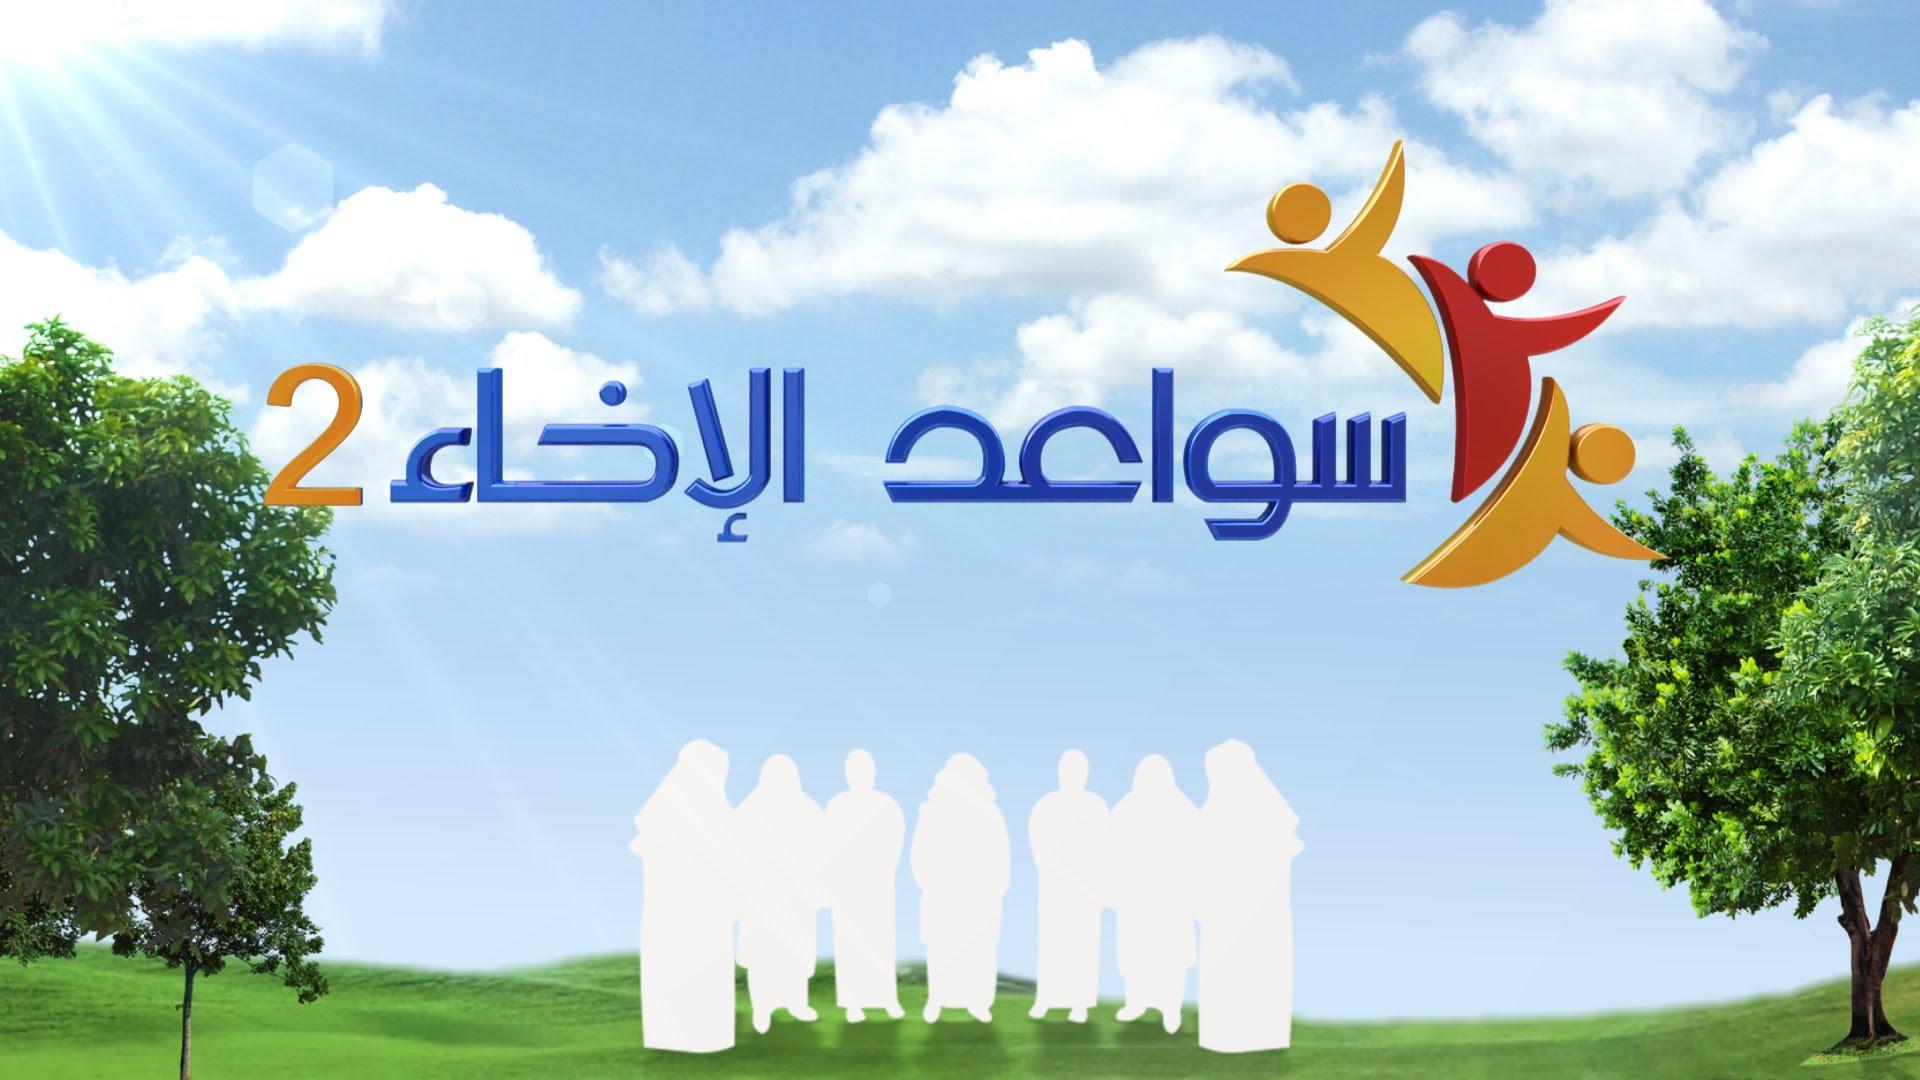 برامج مختارة تستحق المشاهدة خلال رمضان